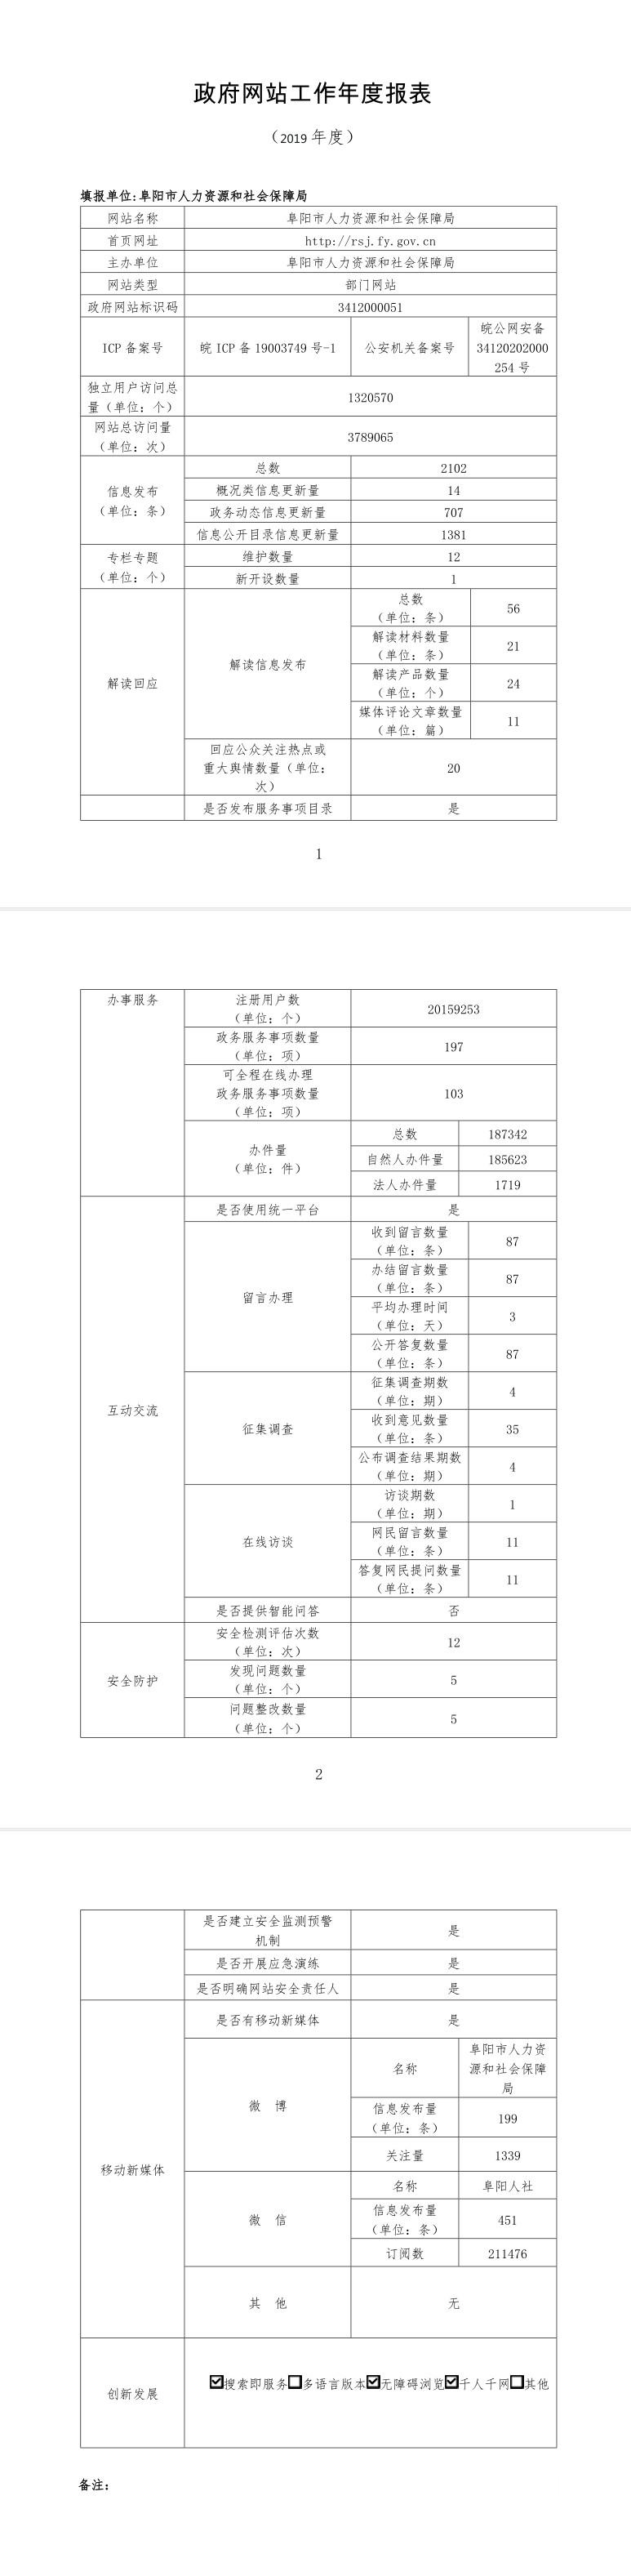 阜阳市人力资源和社会保障局2019年度政府网站工作报表.png